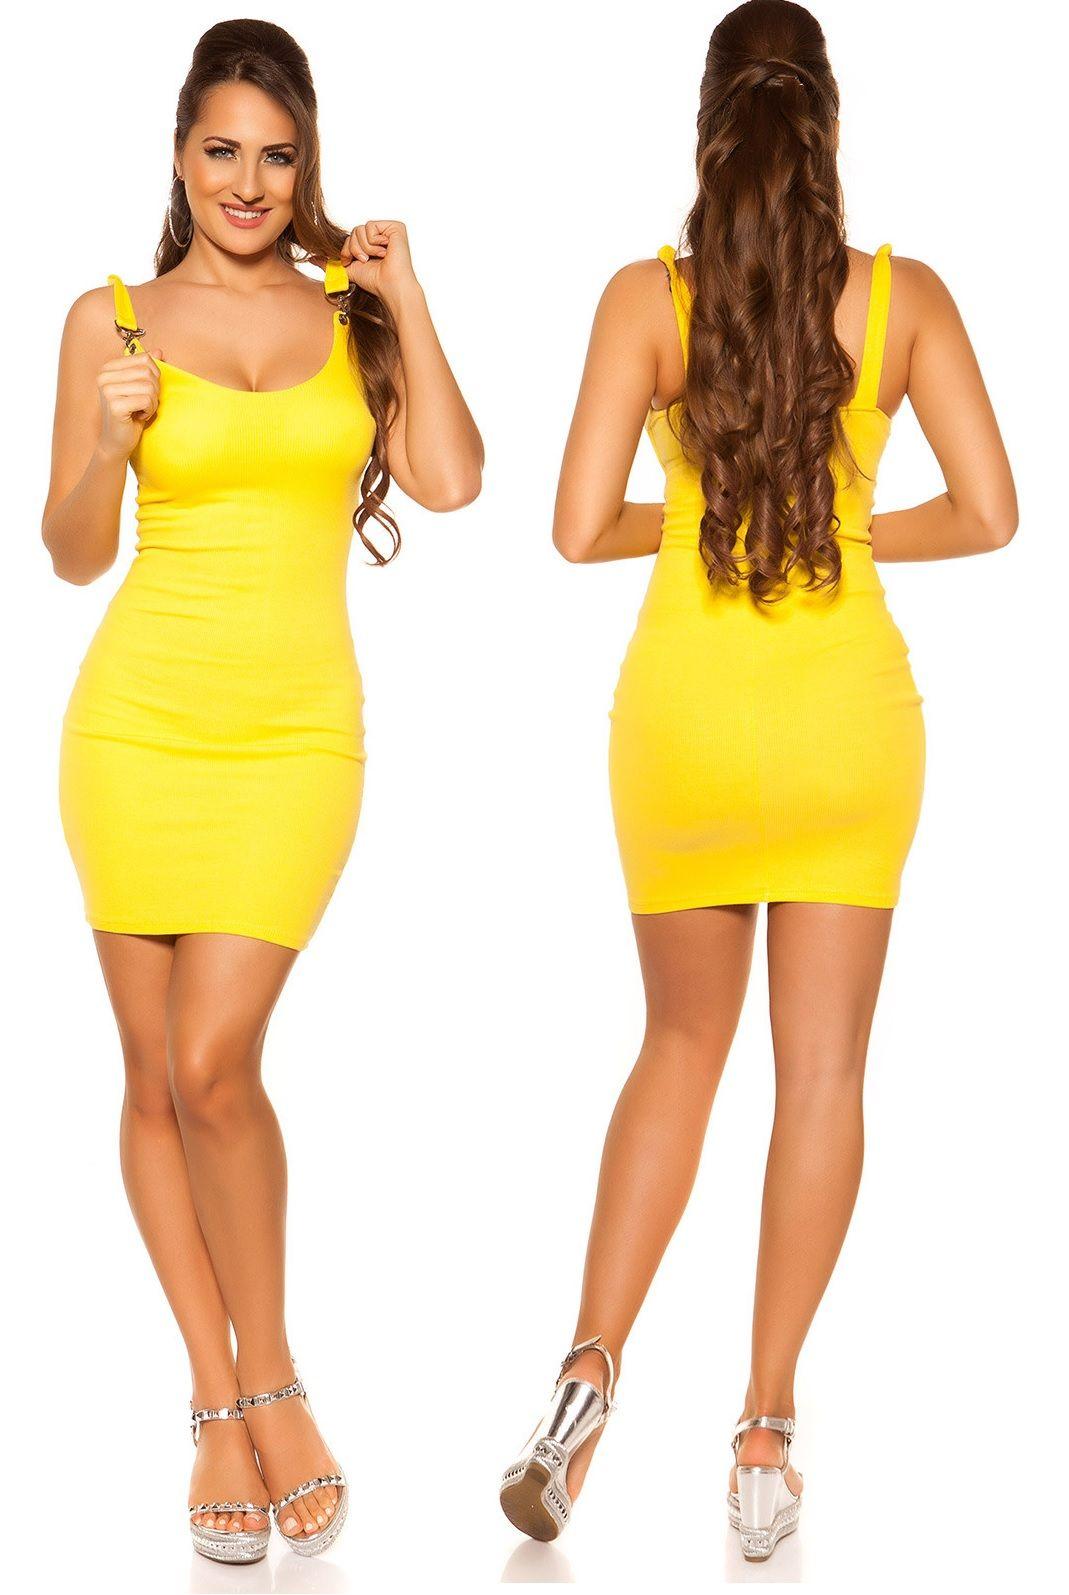 074d979372 Ujjatlan nyári miniruha 6 színben | Kötött ruha, miniruha, vastag, téli,  őszi | Dresses, Fashion, Bodycon Dress